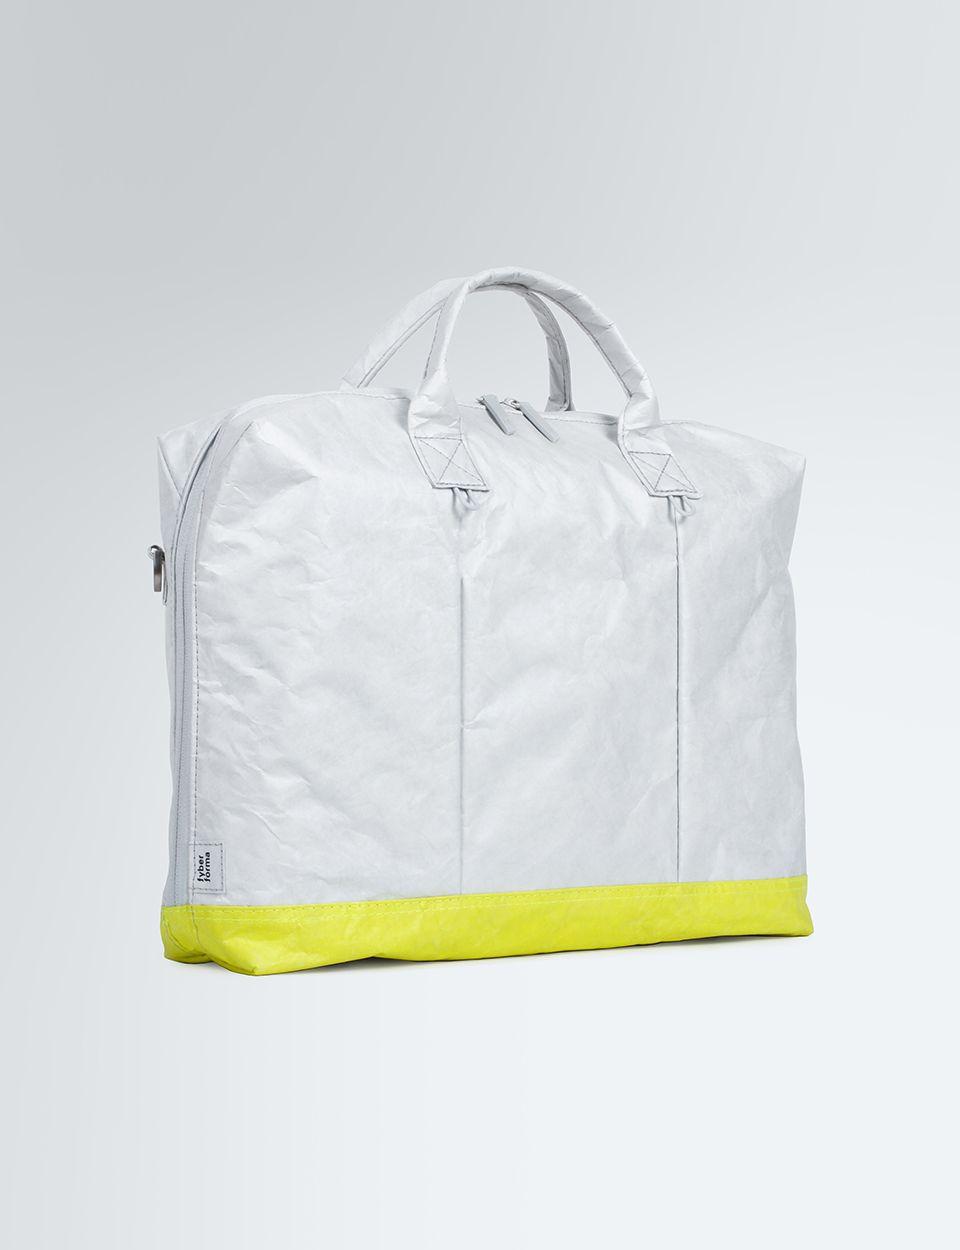 Fyber Forma Tyvek Bag Mosis